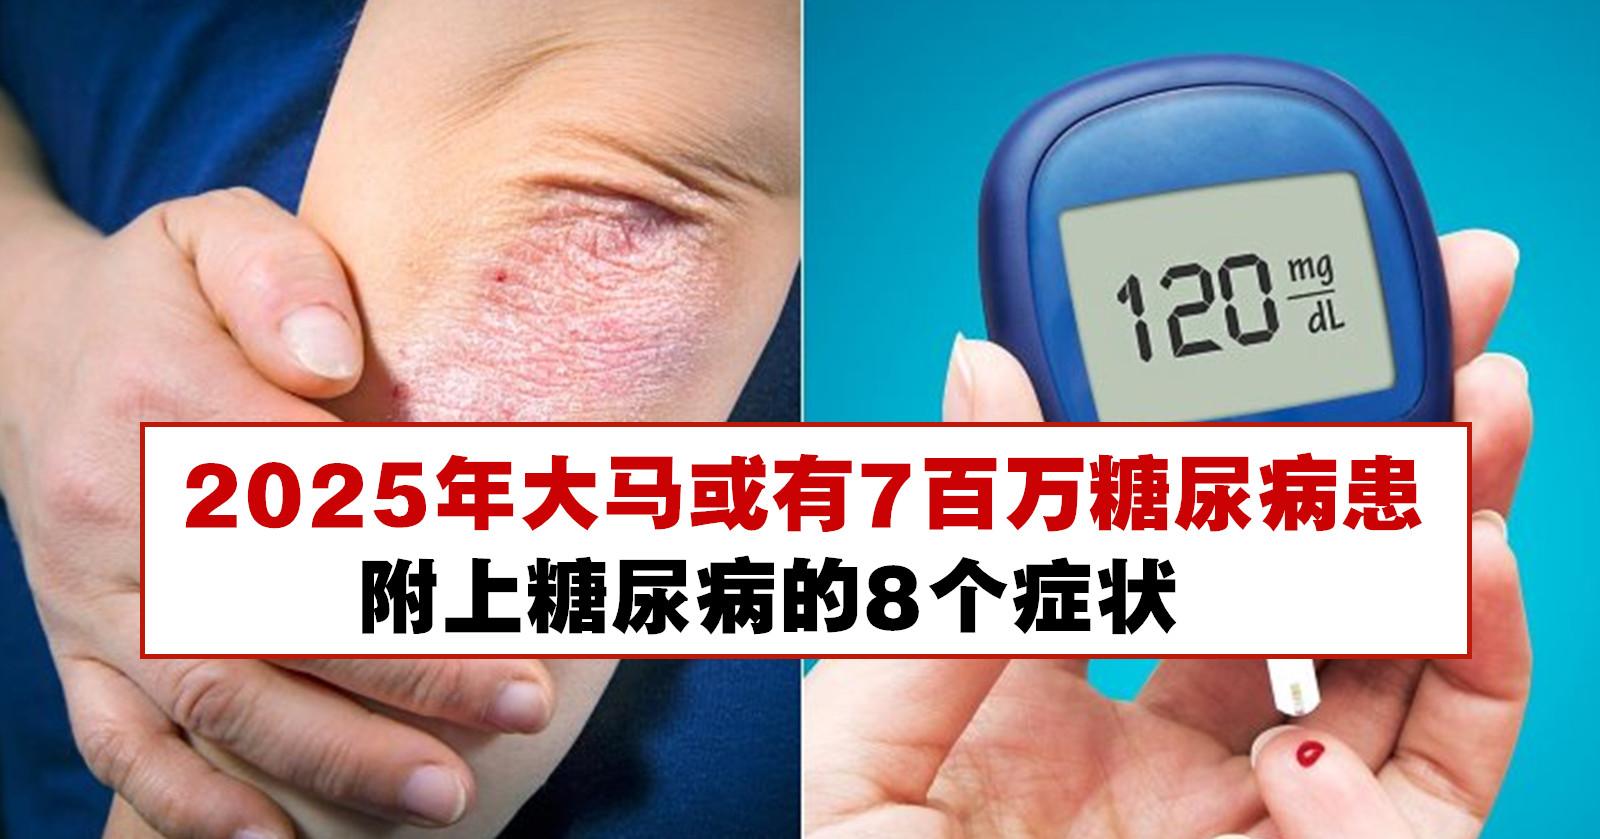 2025年大马或有700万糖尿病患者,附上糖尿病的8个症状